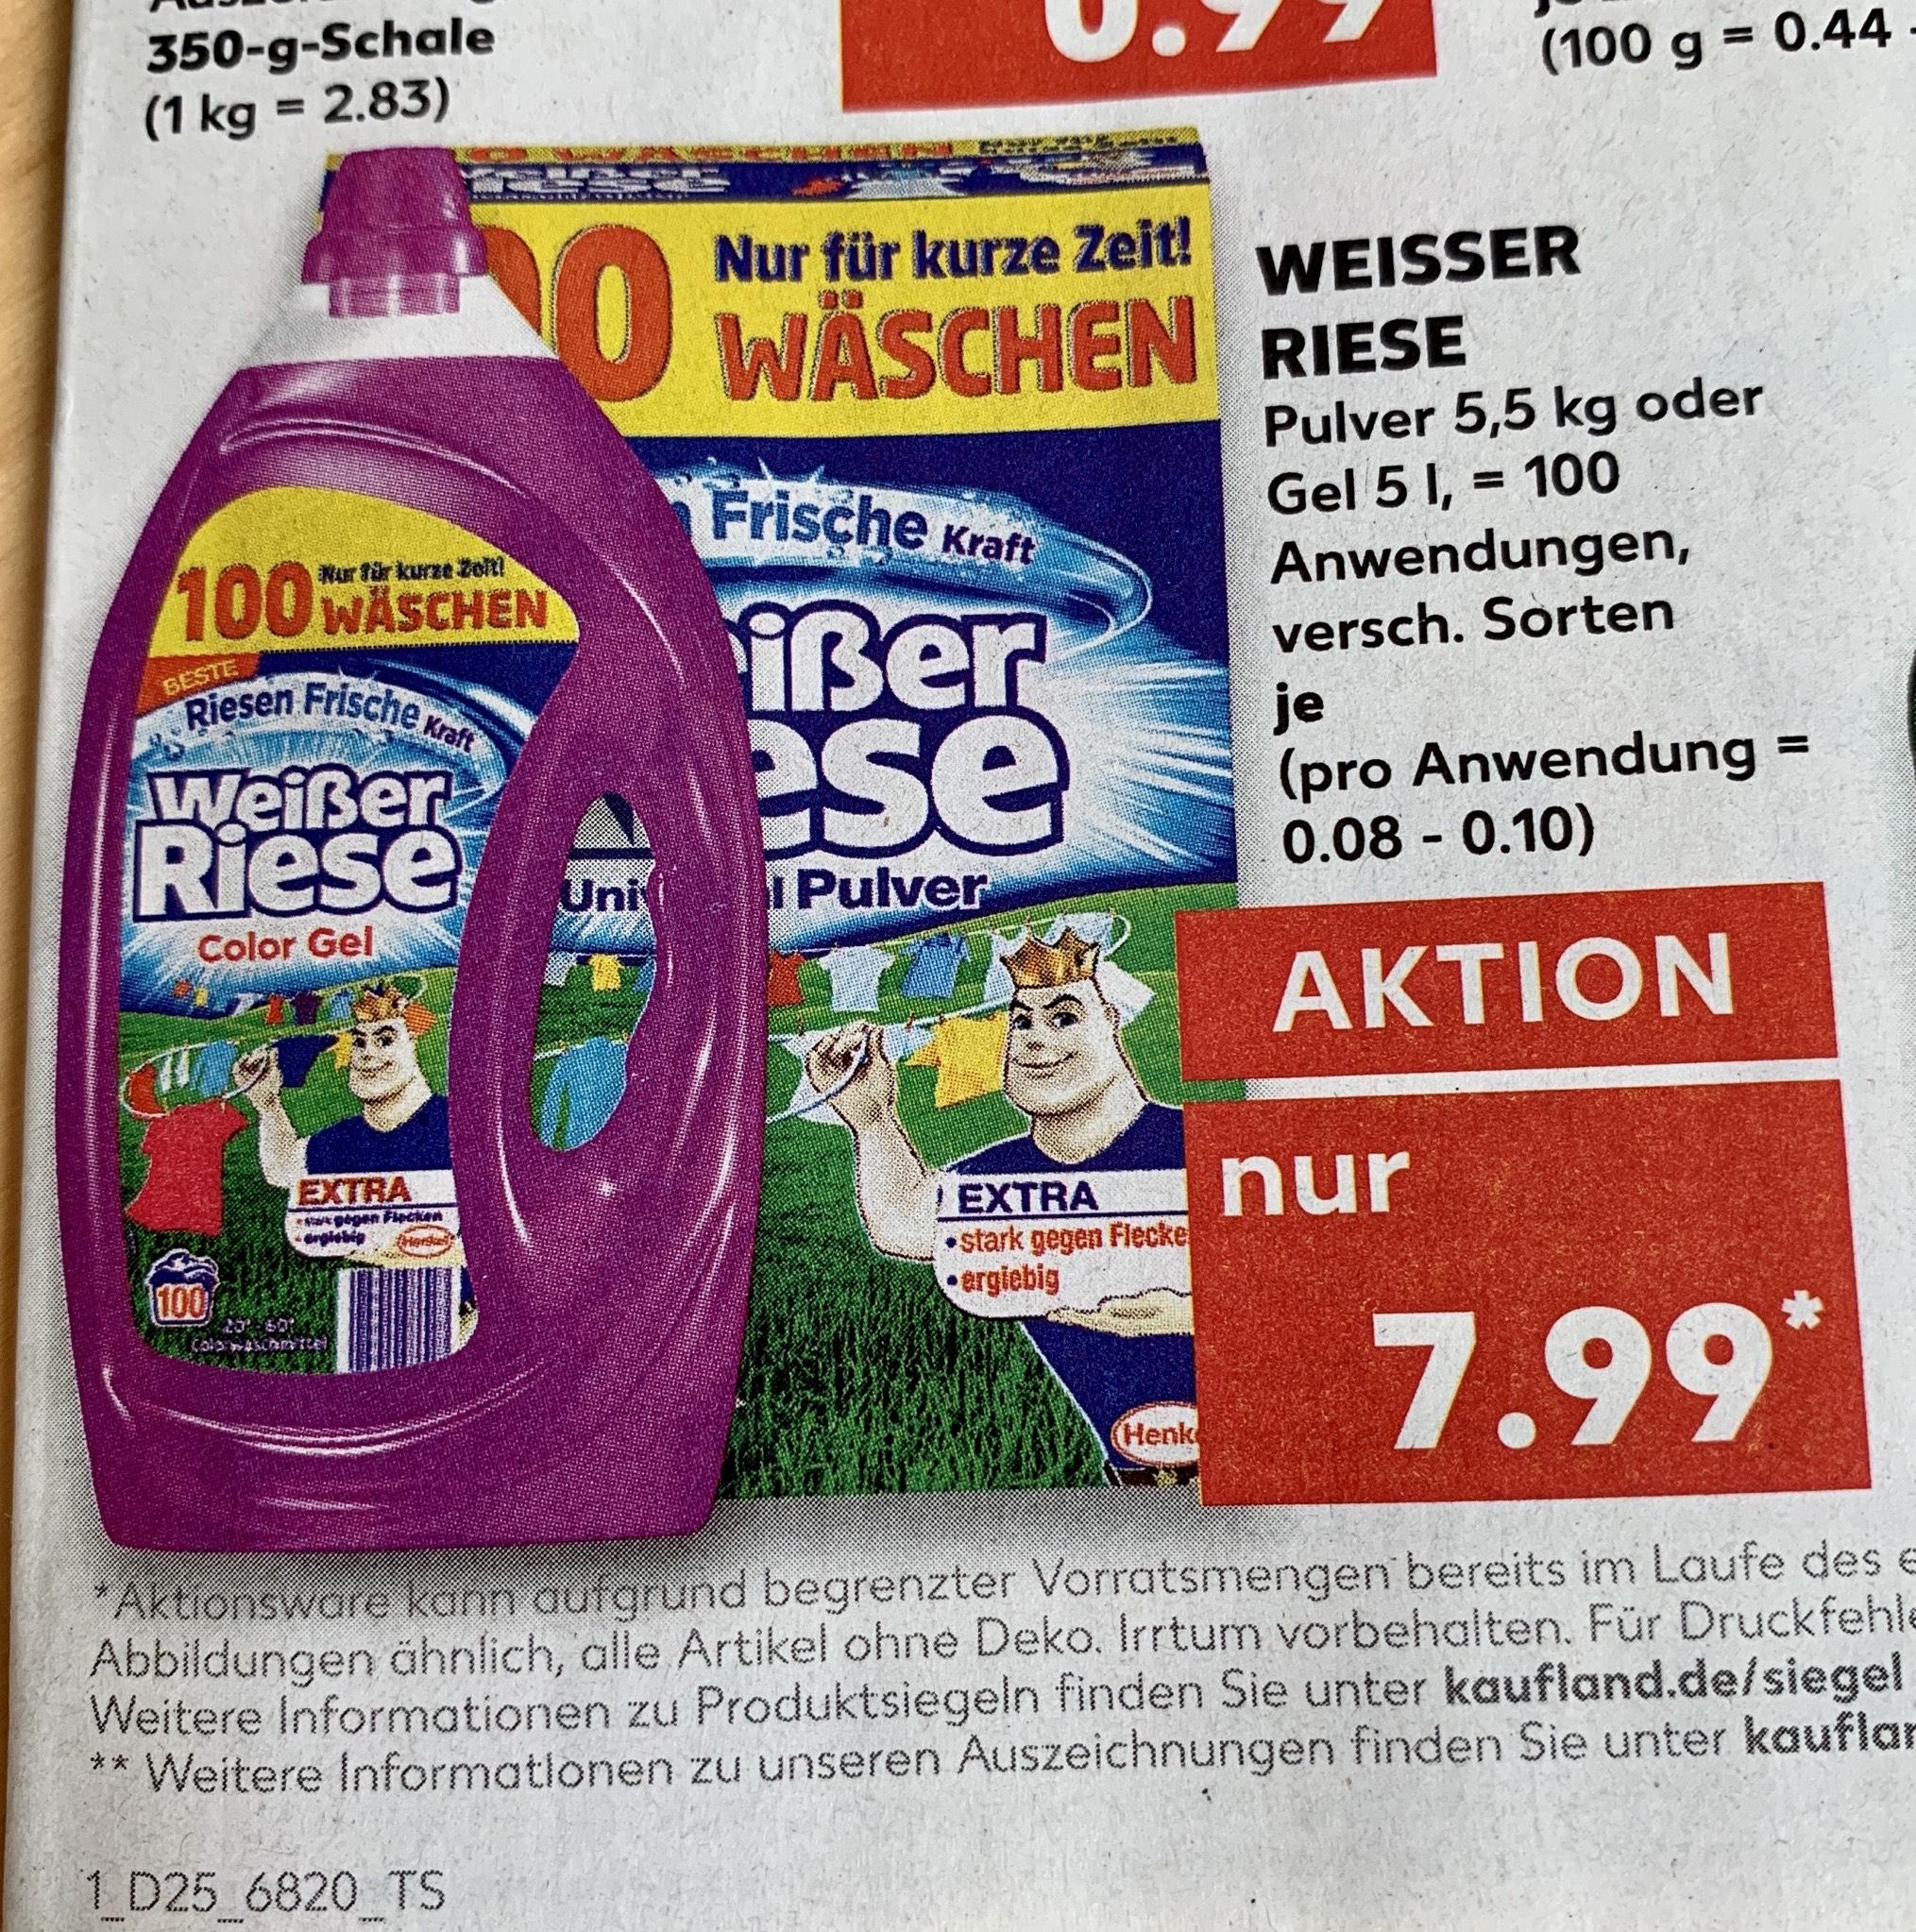 [Kaufland] Weißer Riese Waschpulver -Bestpreis-, Preis pro Waschladung 0,08 €